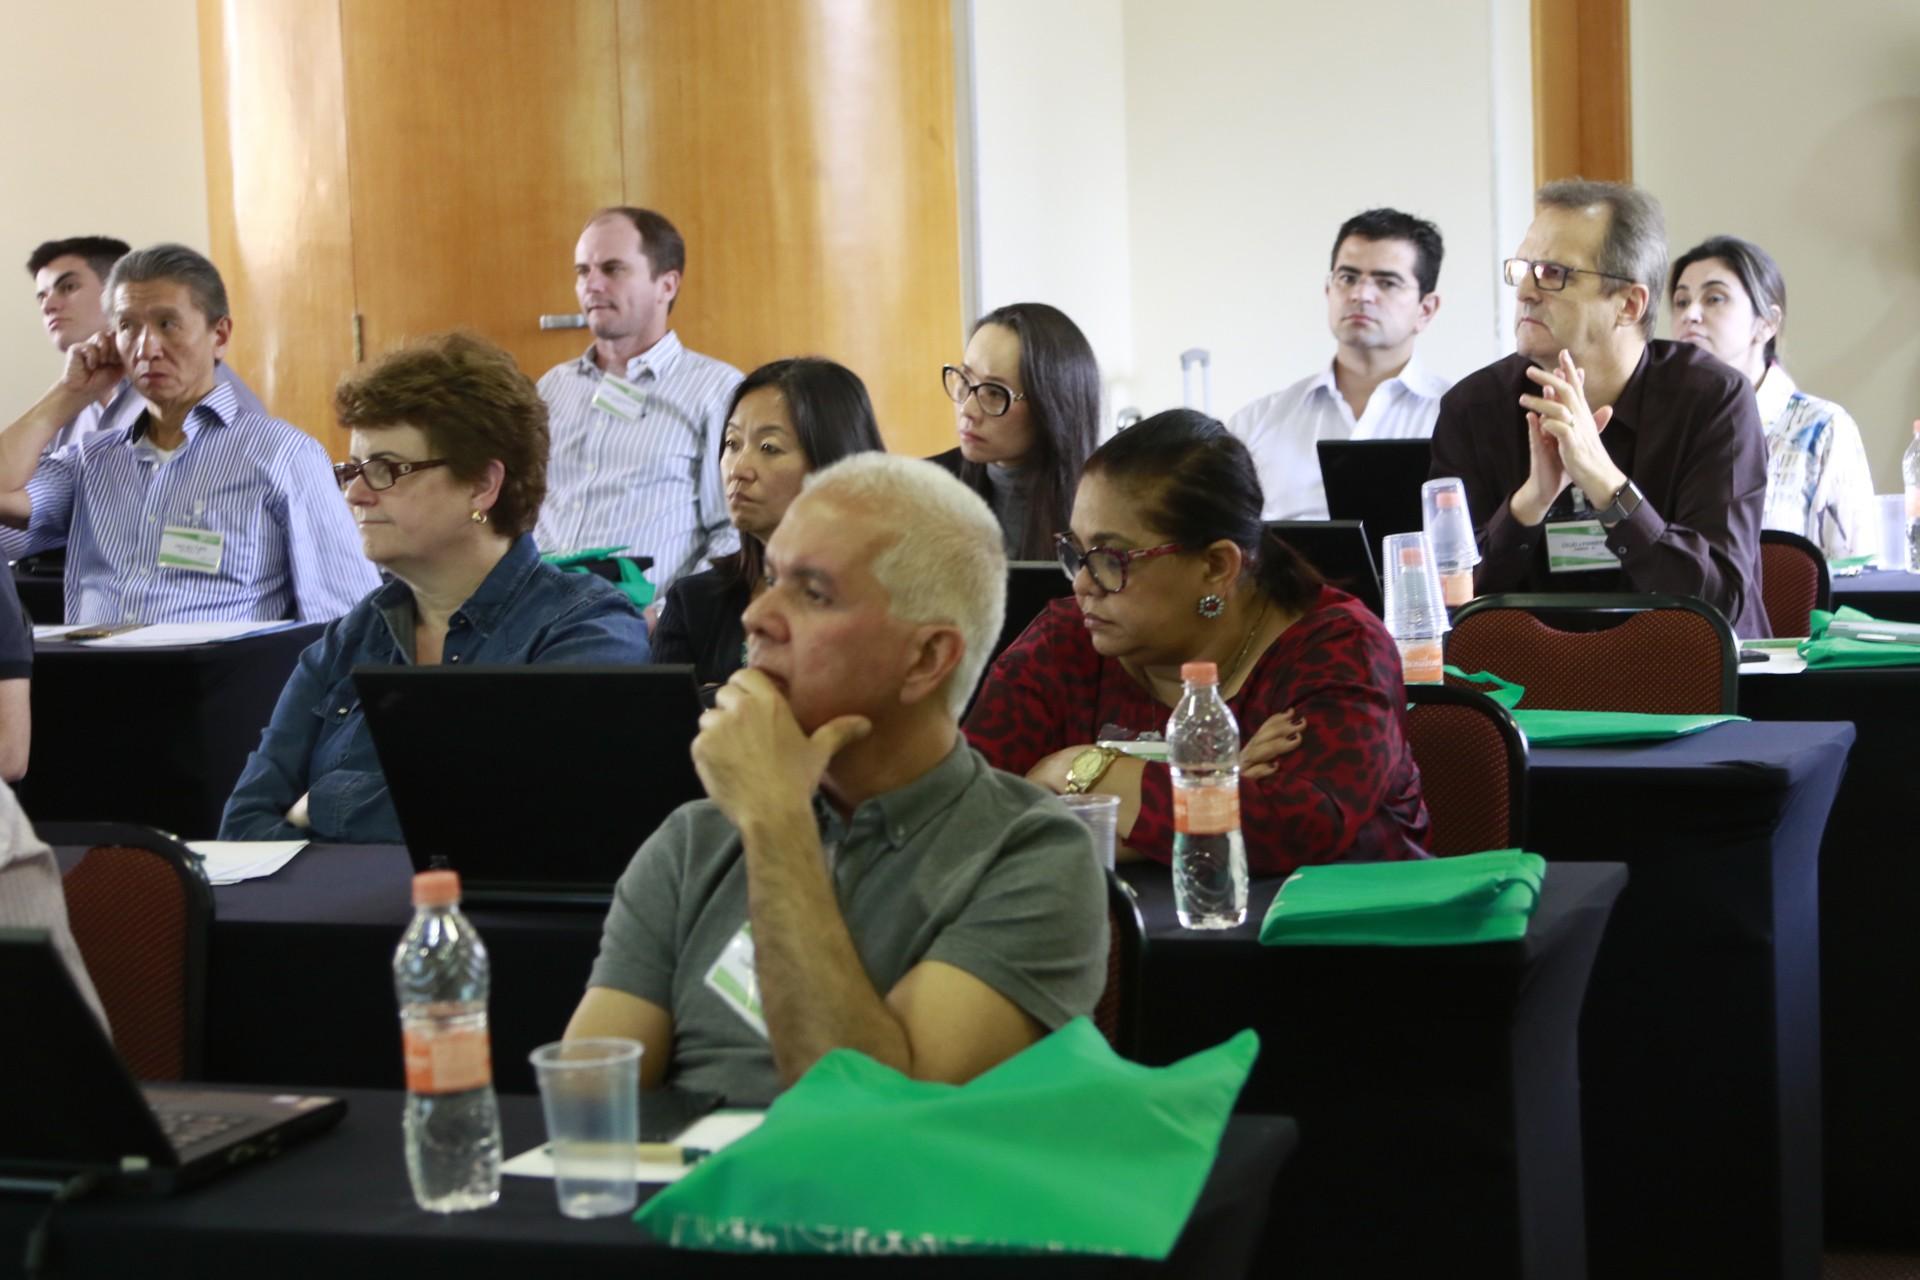 Médicos participantes.